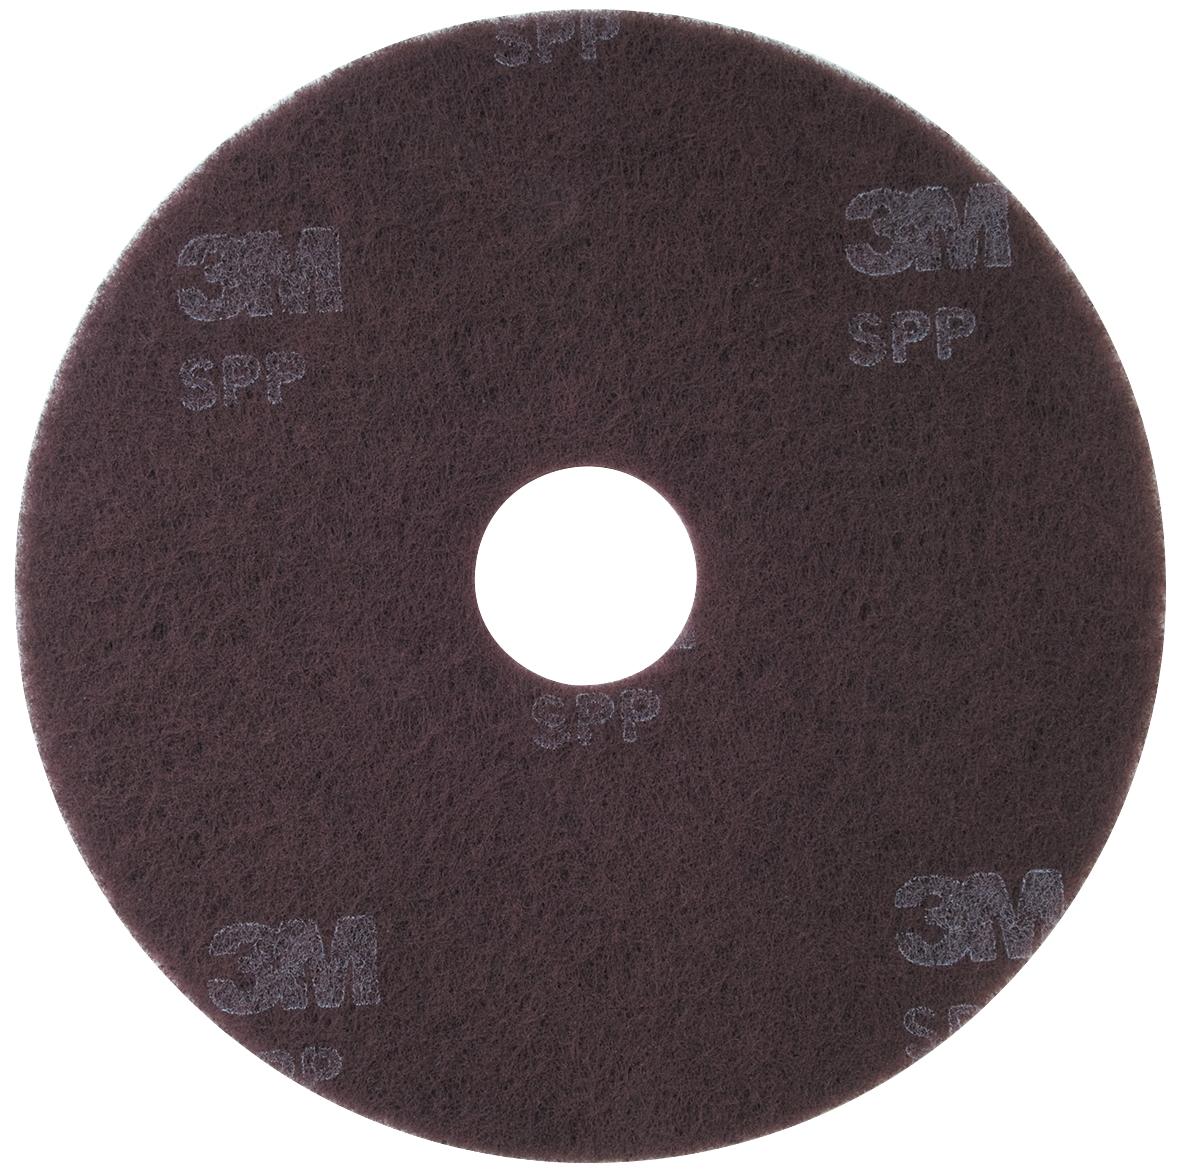 3M(スリーエム) スコッチブライト サーフェスプリパレーションパッド 455mm(18in) 5枚